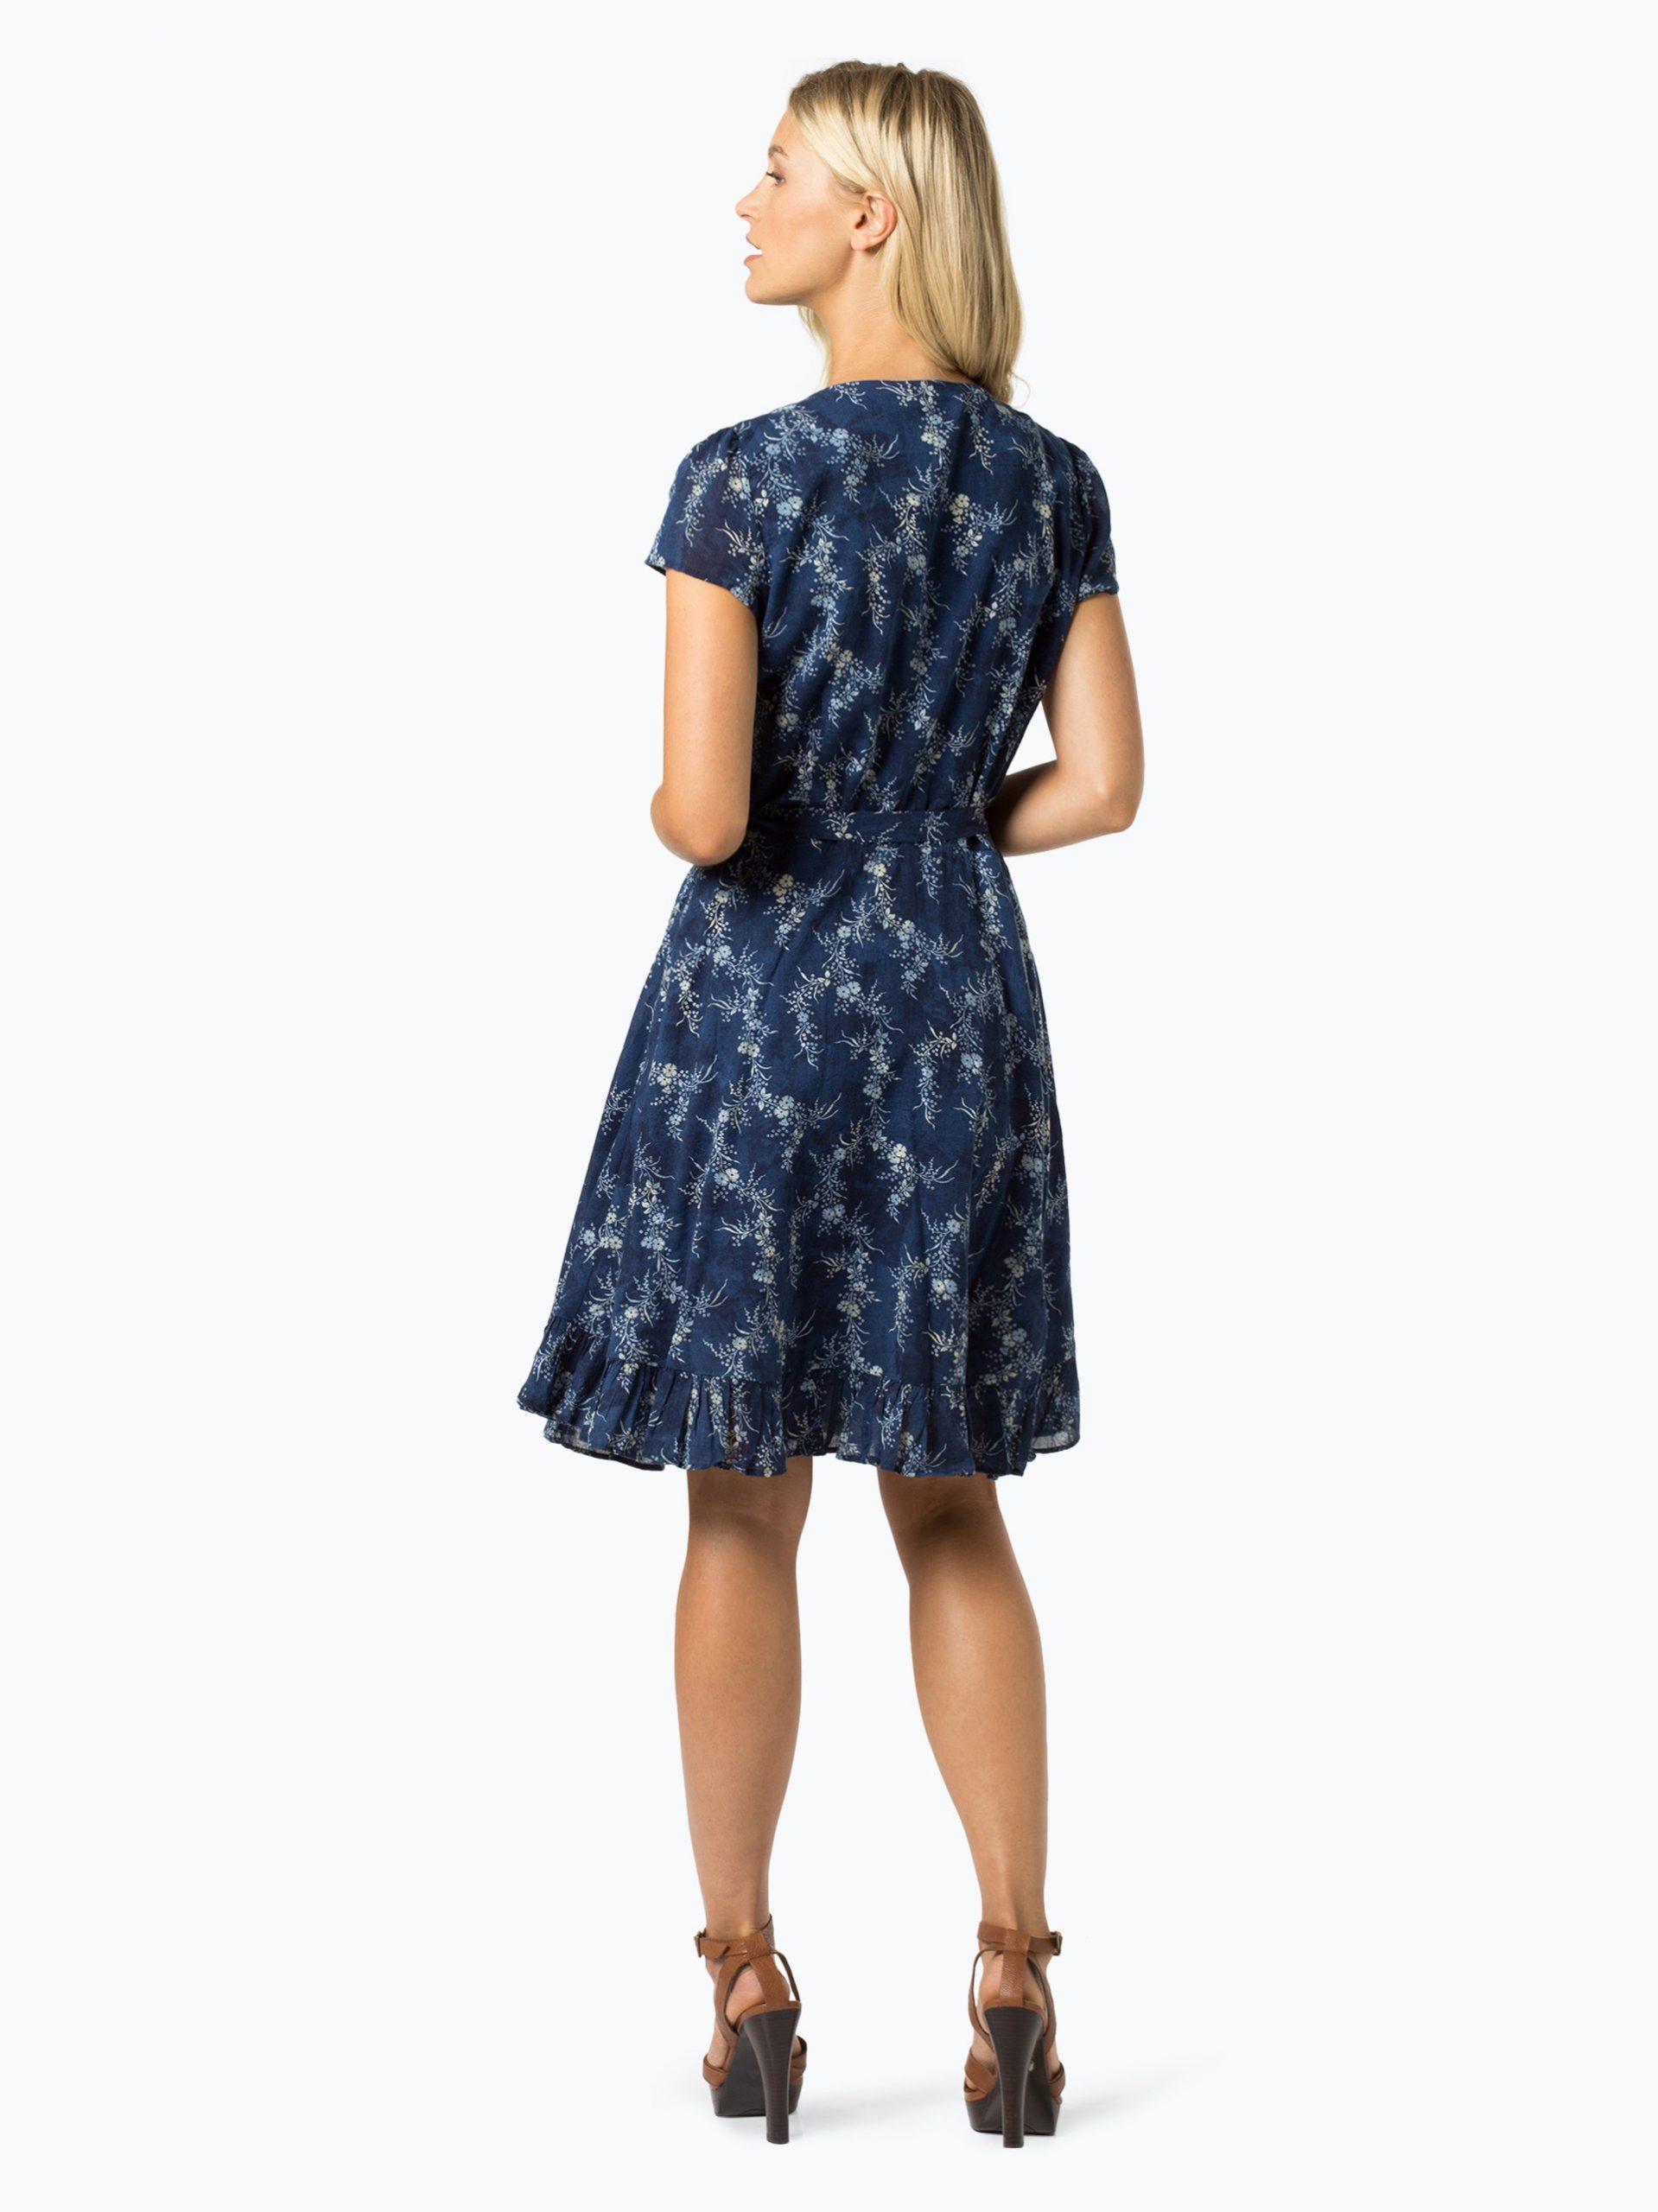 Polo Ralph Lauren Damen Kleid Online Kaufen  Peekund